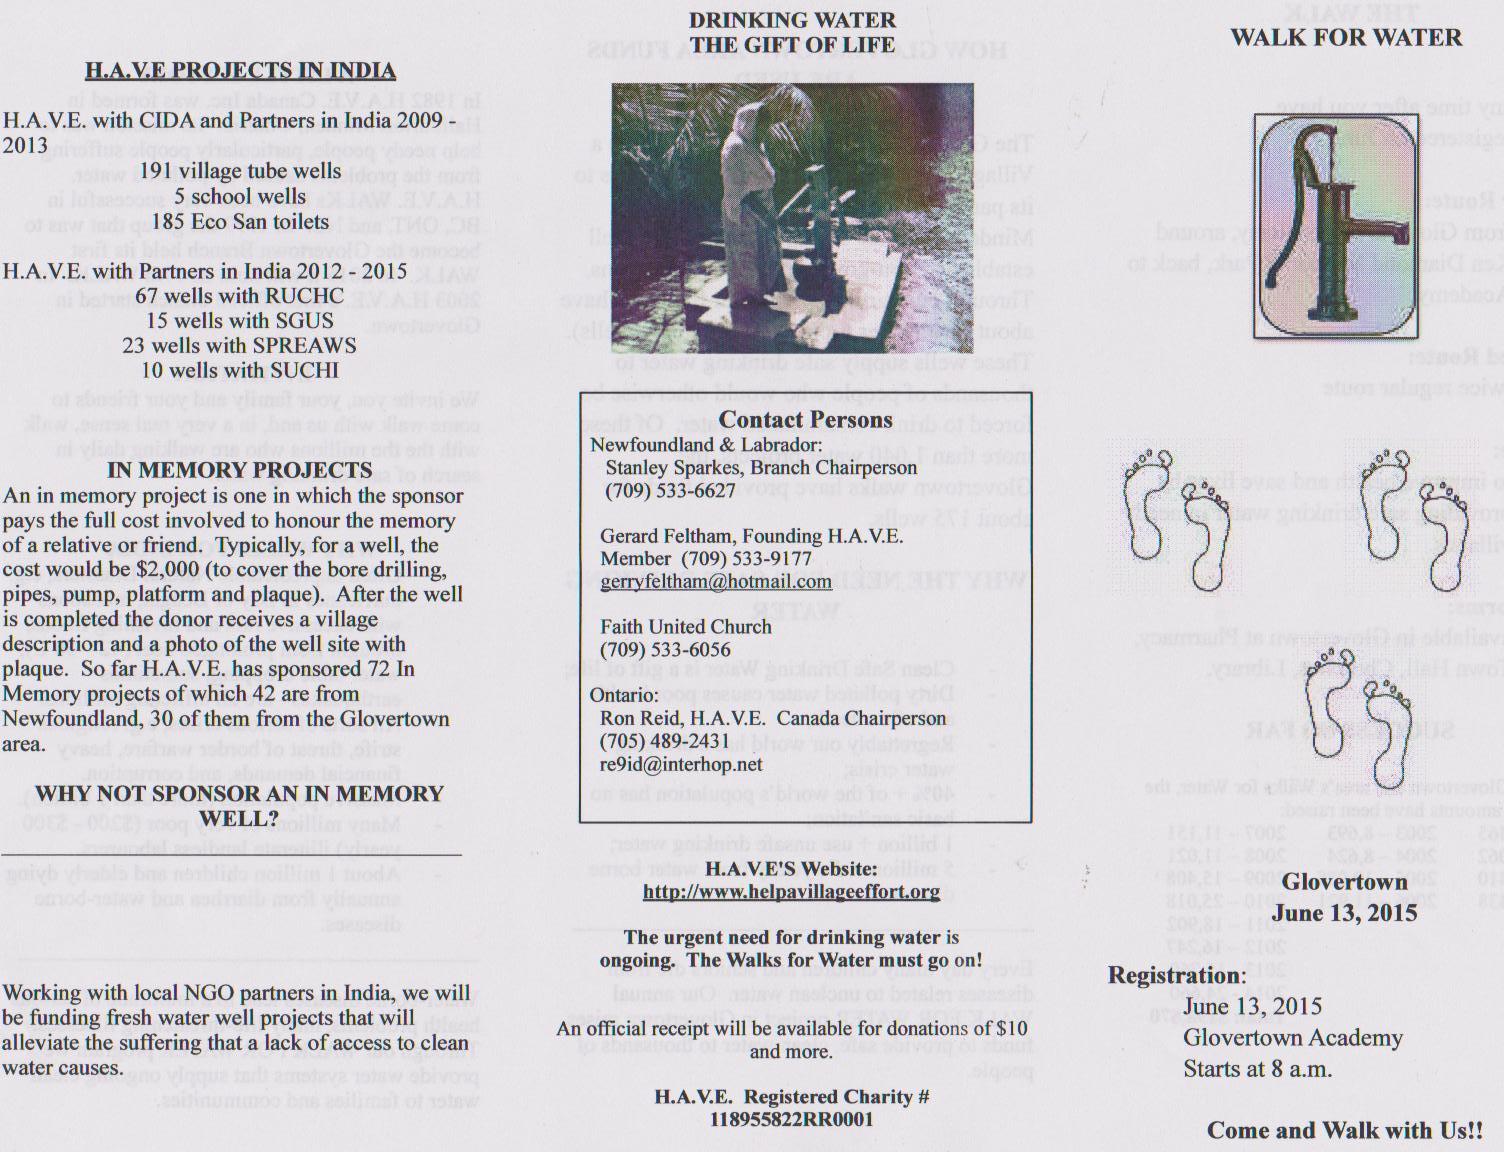 Glovertown, Nfld. Walk for Water June 13